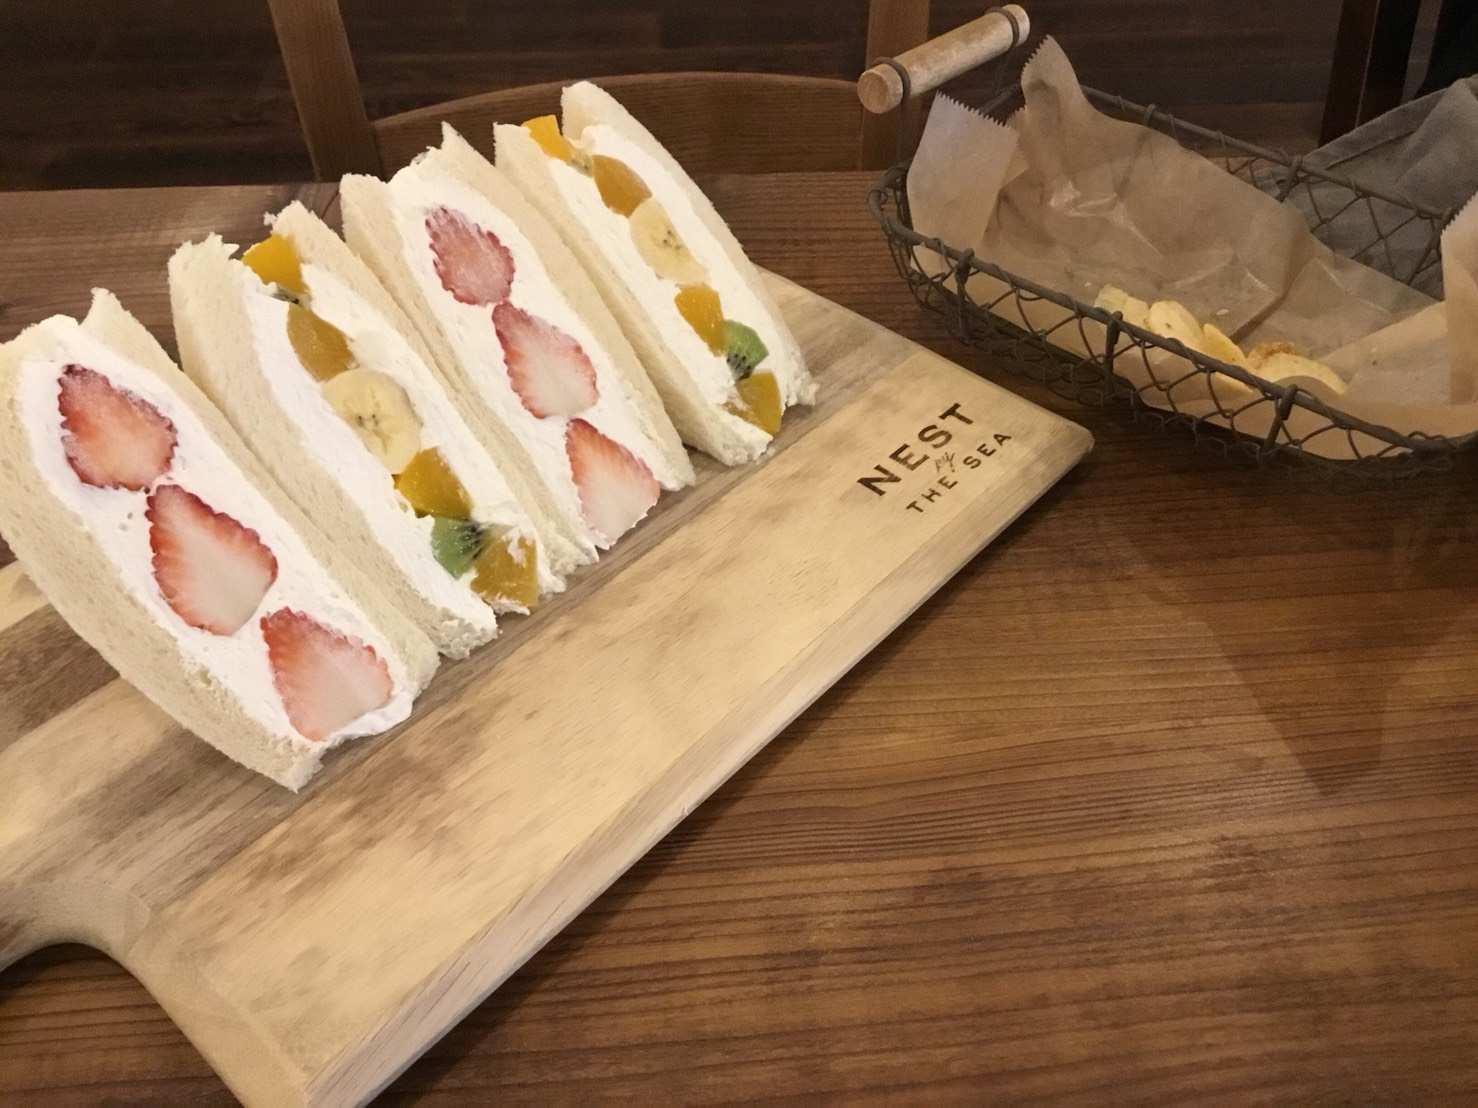 新舞子お洒落カフェ(知多市/カフェ)